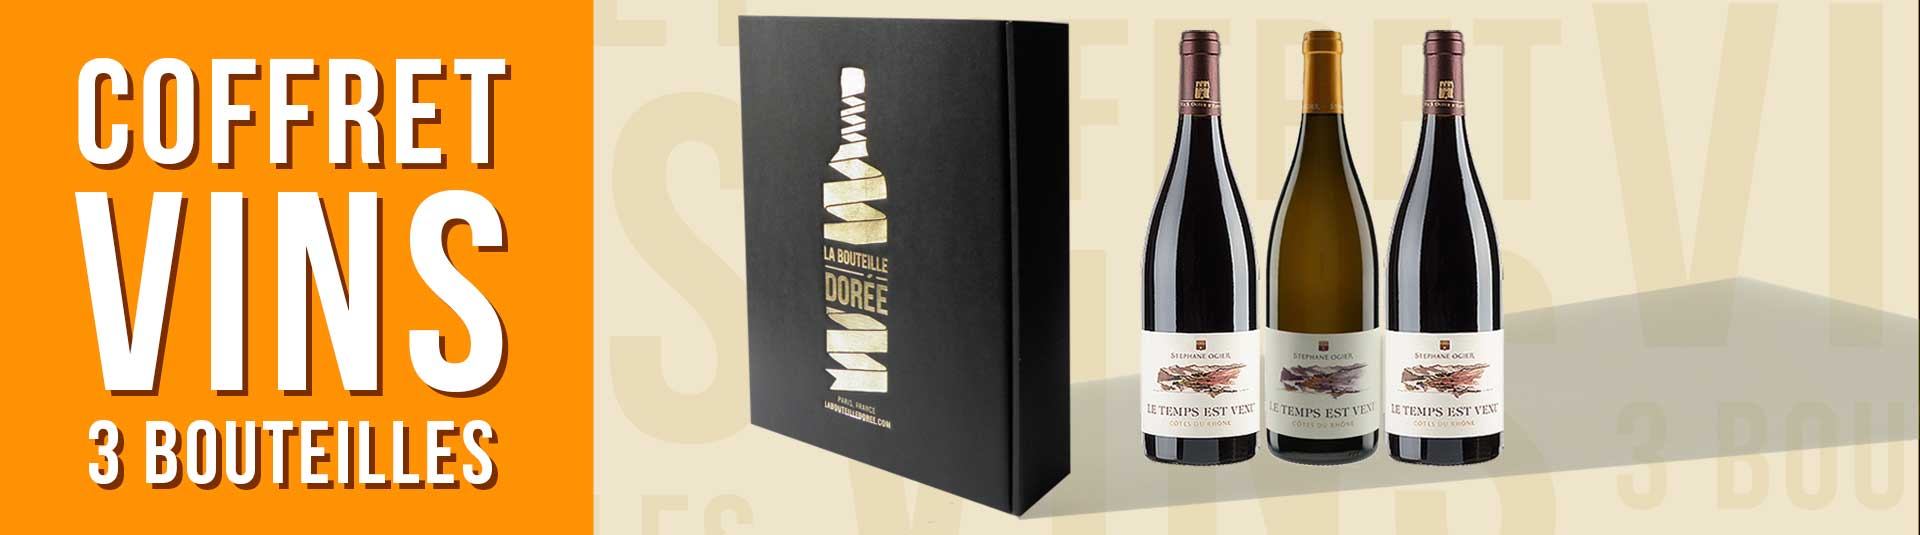 coffret vin Rhône 3 bouteilles cépages Roussanne, Grenache Noir et Grenache Blanc